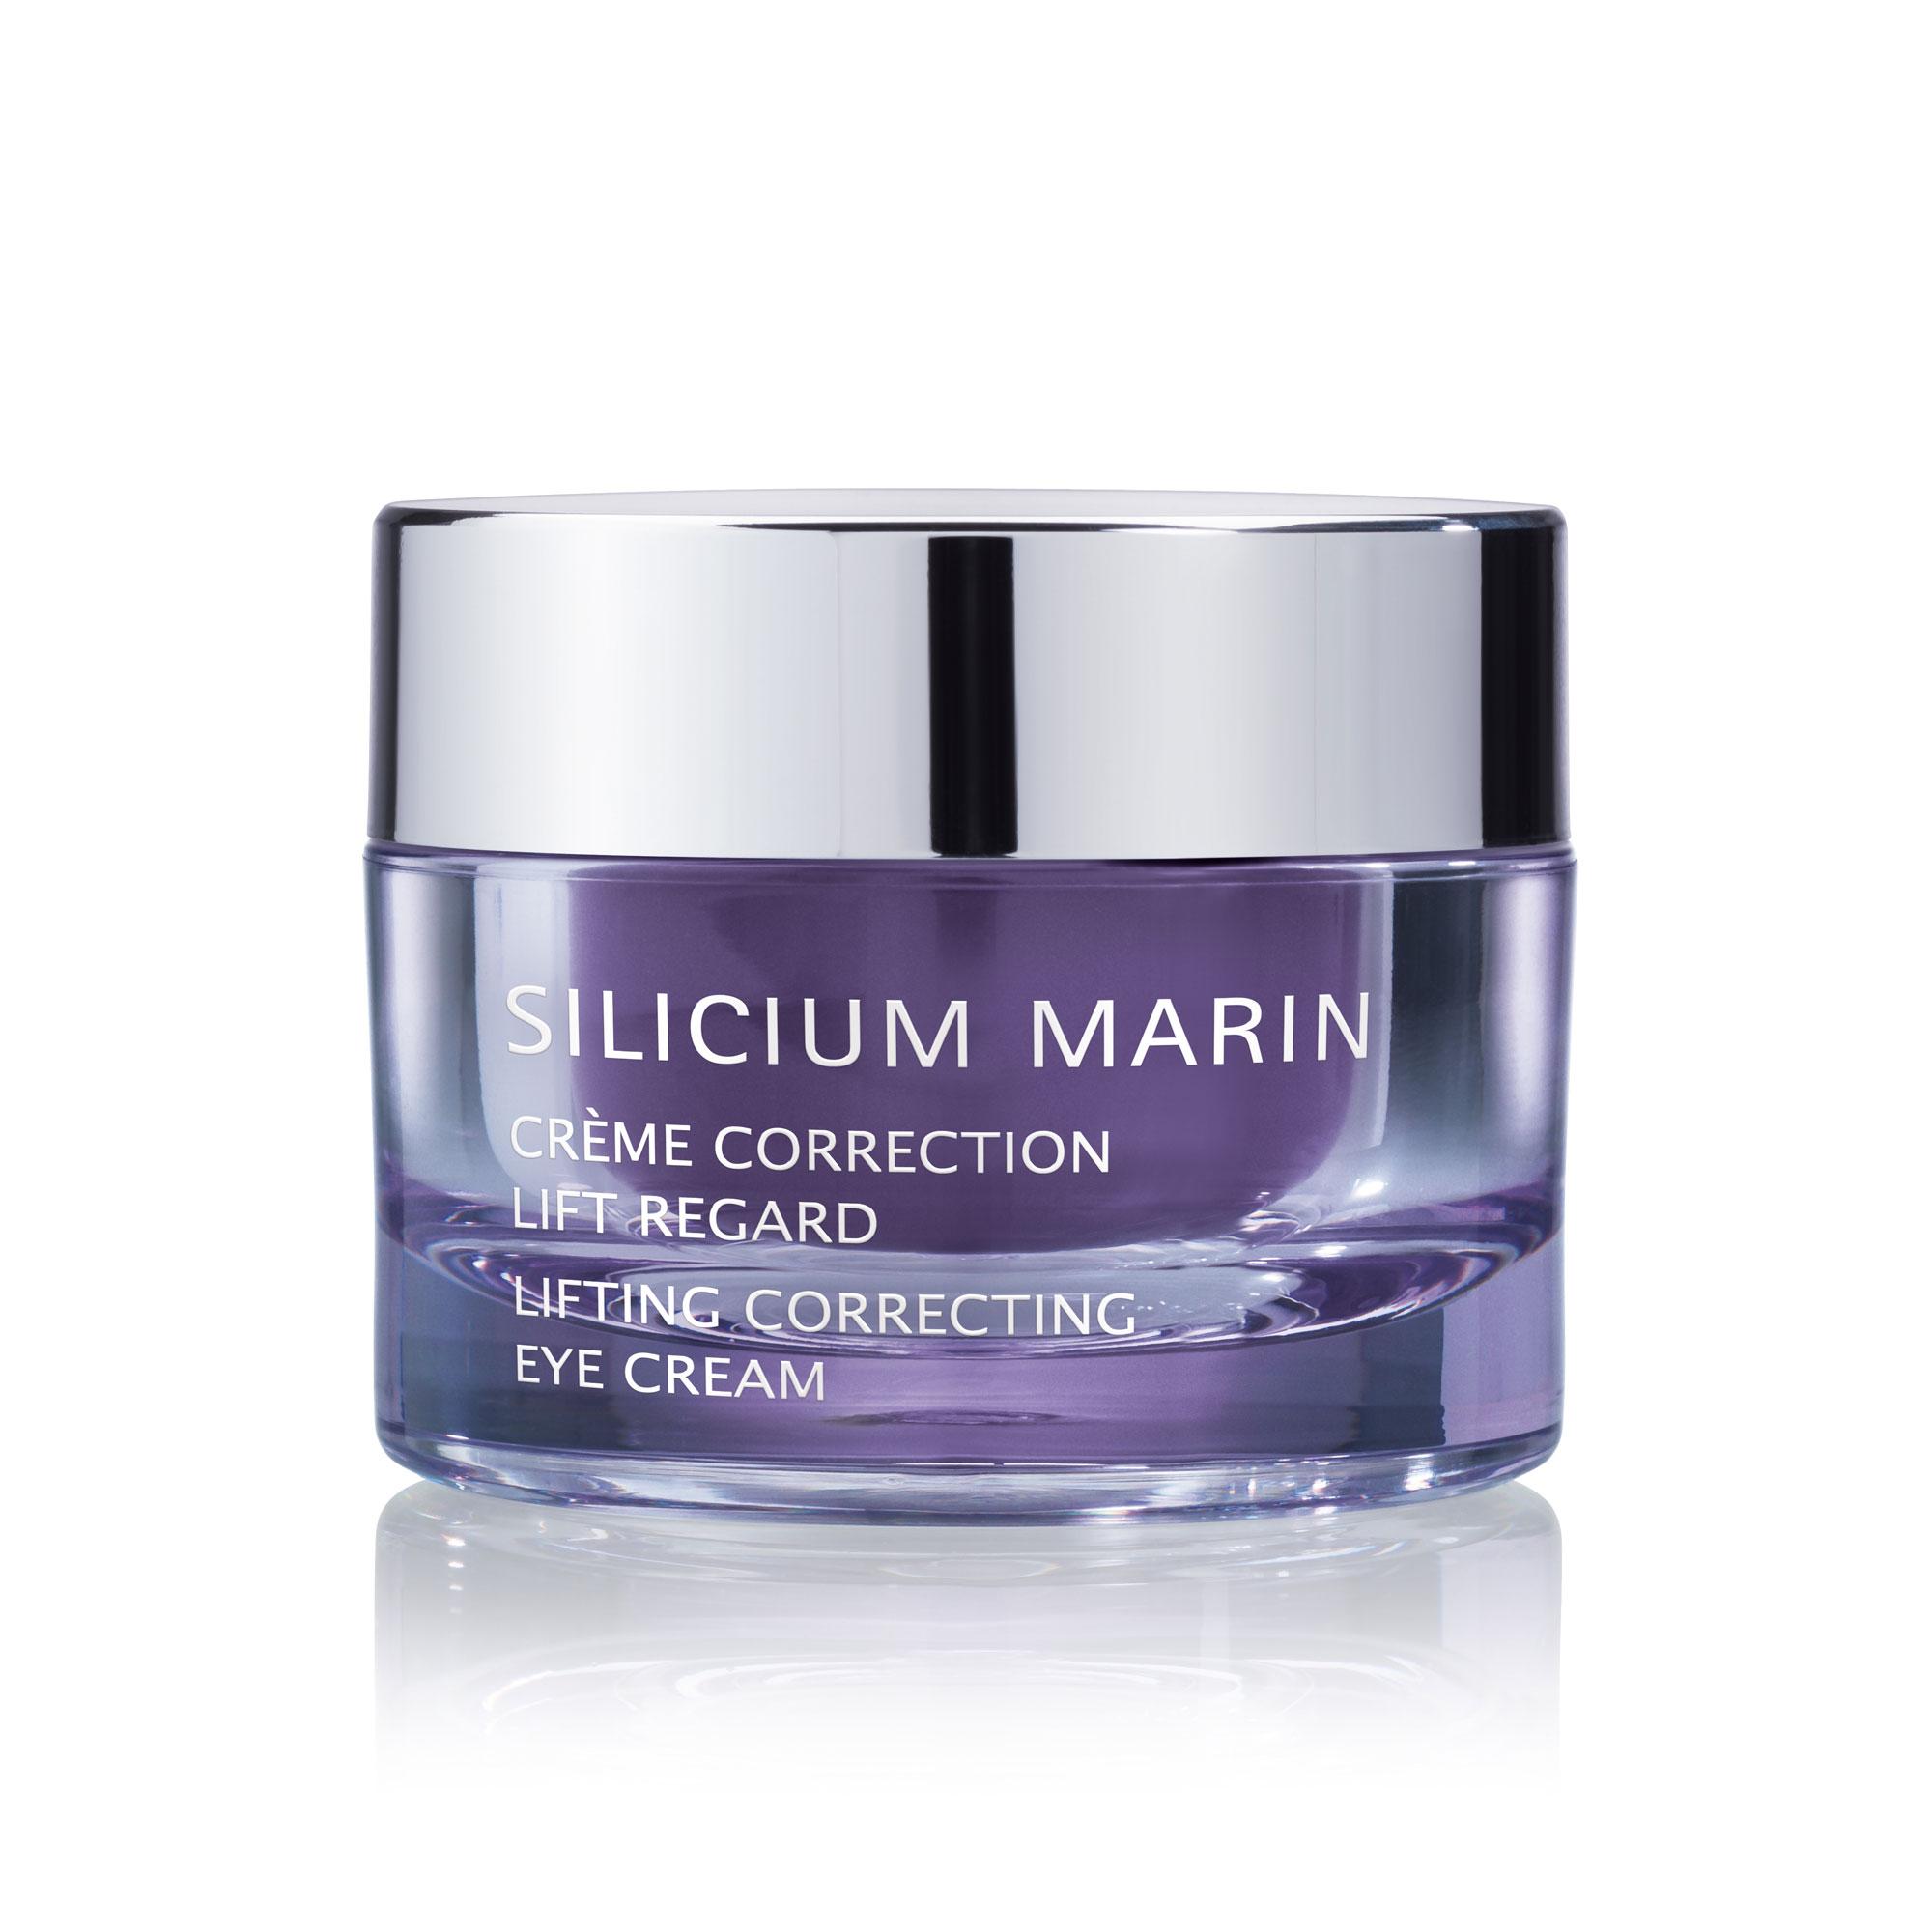 THALGO Крем с кремнием, с эффектом лифтинга для кожи вокруг глаз / Silicium Eye Cream 15 мл declare восстанавливающий гель для кожи вокруг глаз с массажным эффектом perfect eye fluid 15 мл